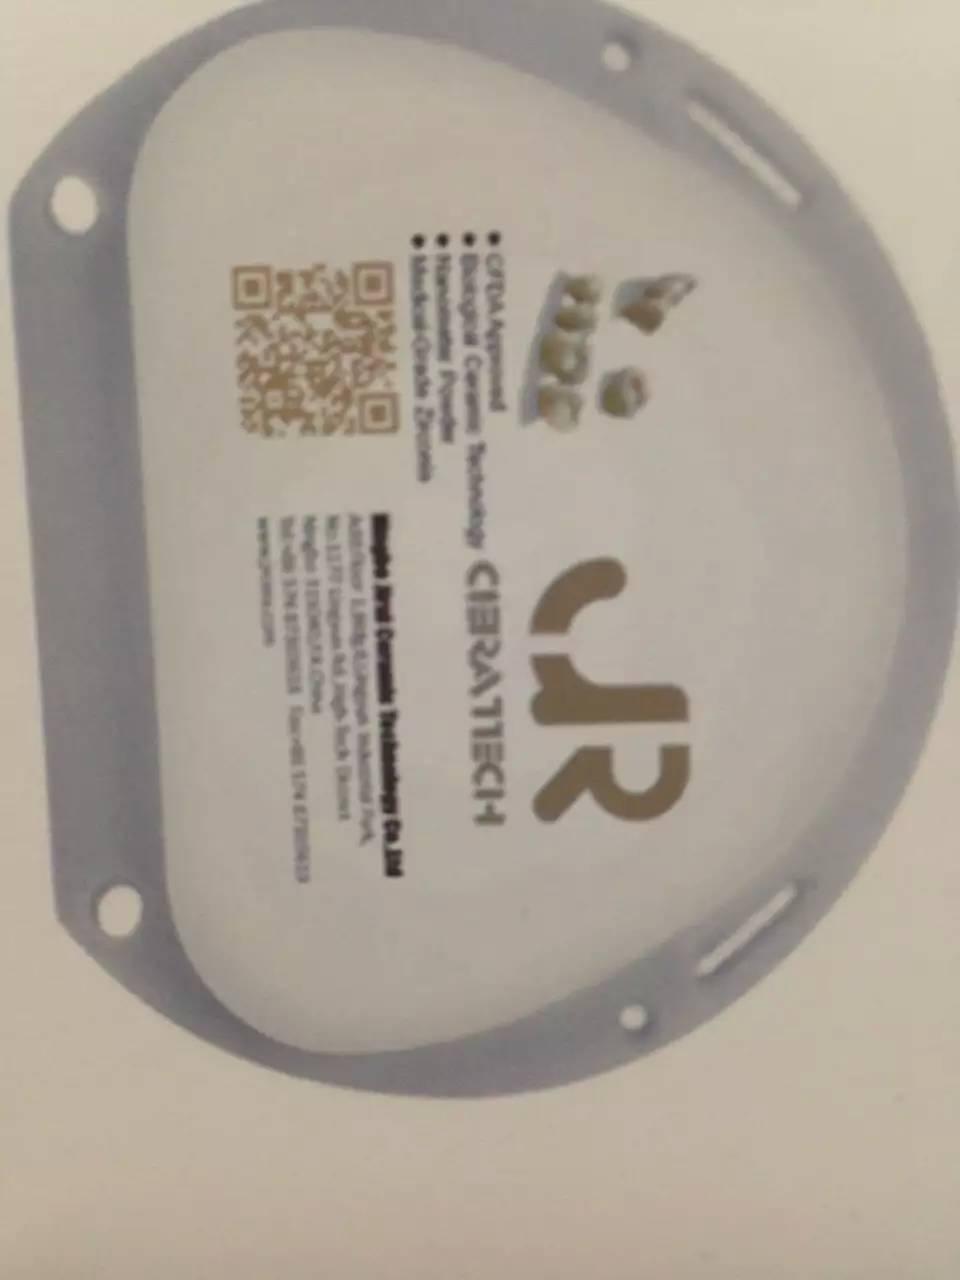 Super Translucent Dental Zirconia Block Discs For Lab CADCAM